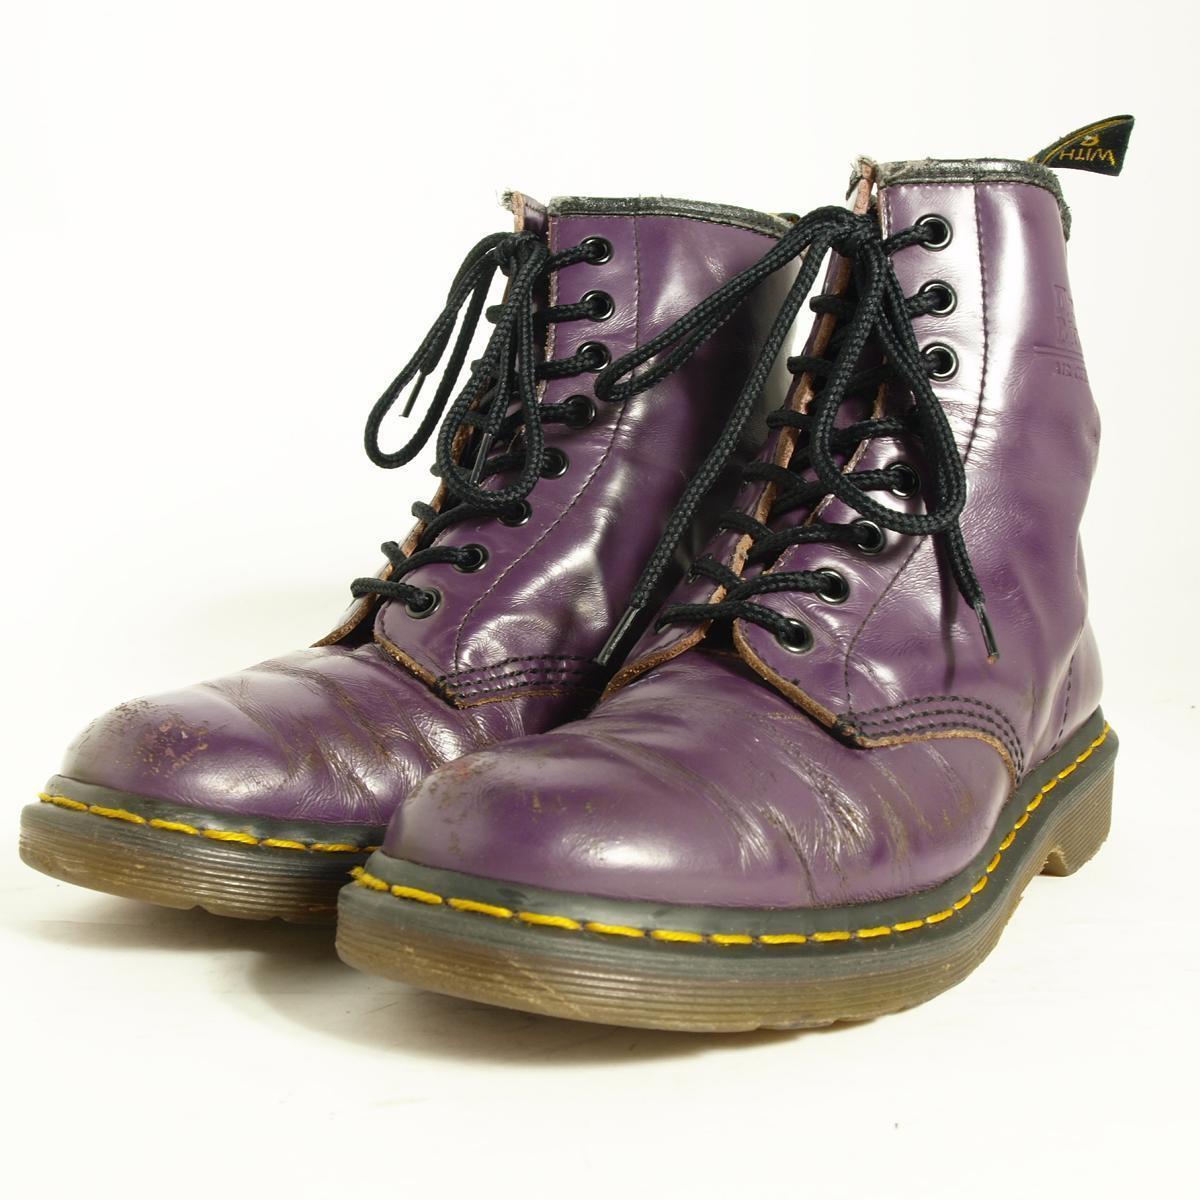 ドクターマーチン 8ホールブーツ UK7 メンズ25.5cm Dr.Martens /boj3138 【古着屋JAM】【中古】 160714